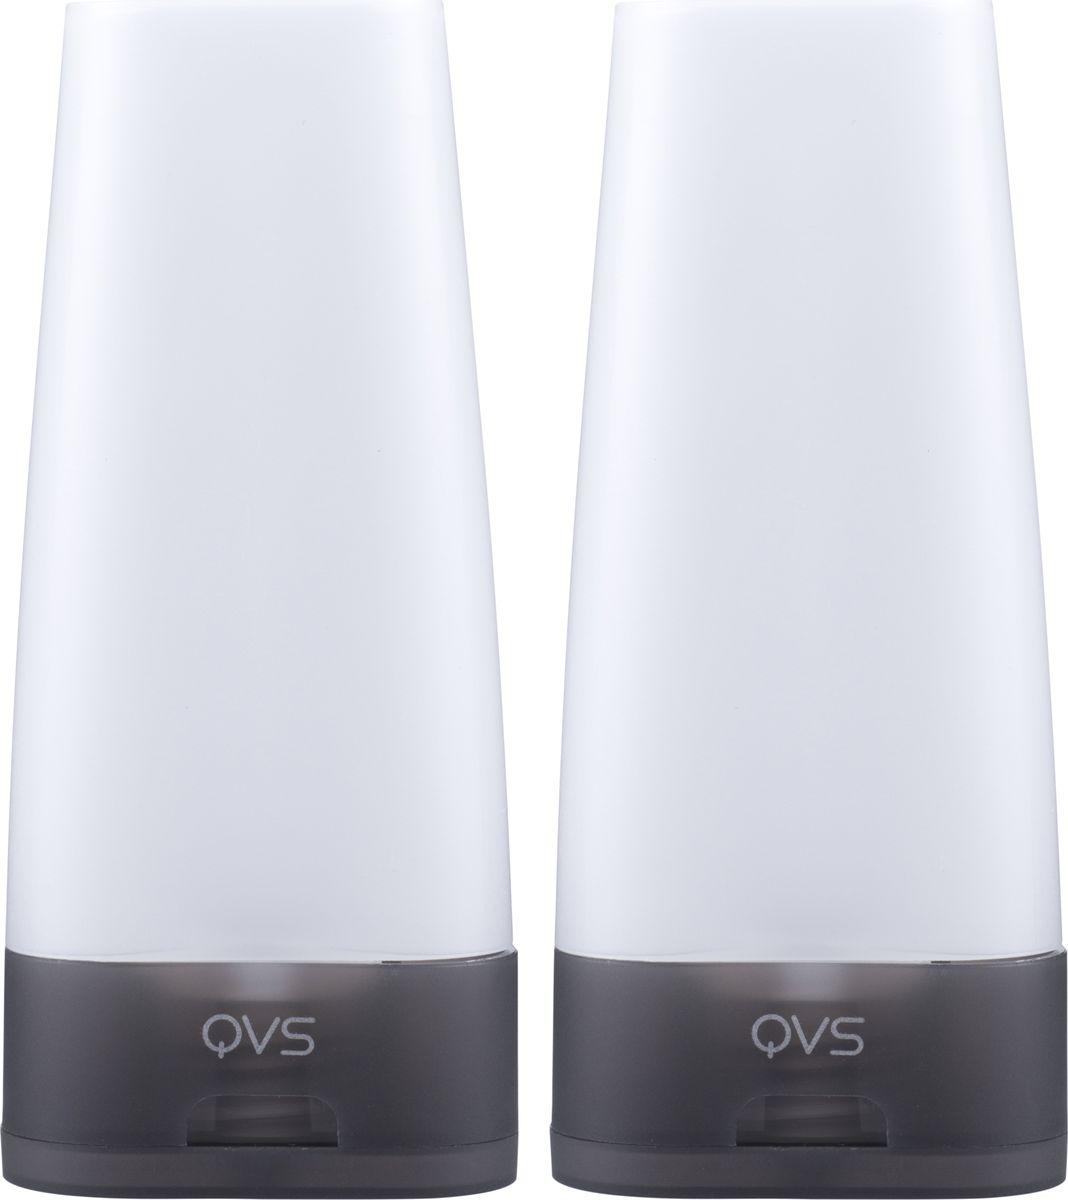 QVS Дорожные флаконы, 2 шт. 82-10-1723 qvs двусторонние спонжи для макияжа 2 шт 82 10 1712